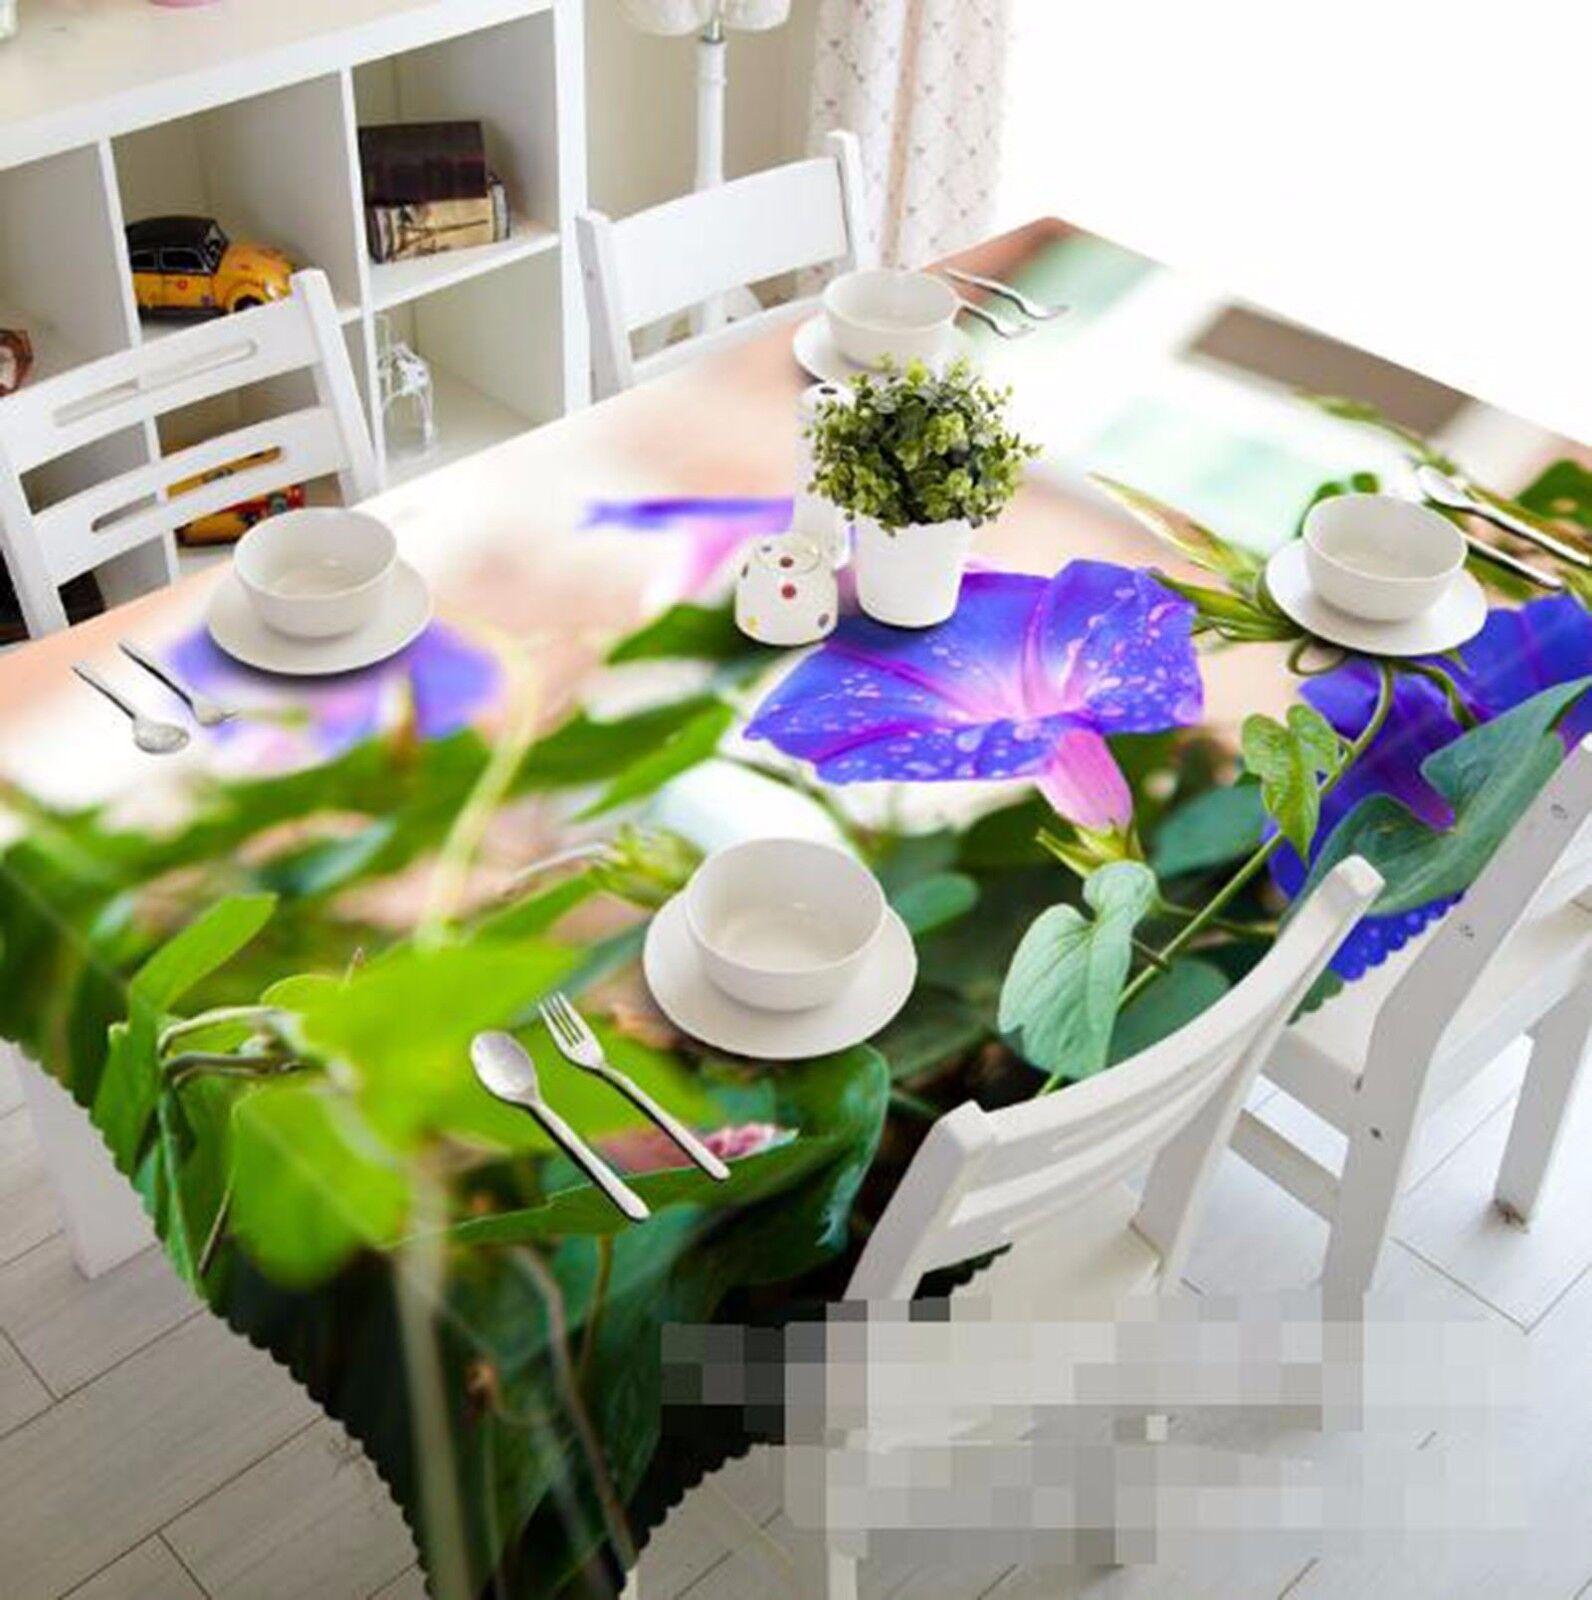 3D pétales 417 Nappe Table Cover Cloth fête d'anniversaire AJ papier peint Royaume-Uni Citron